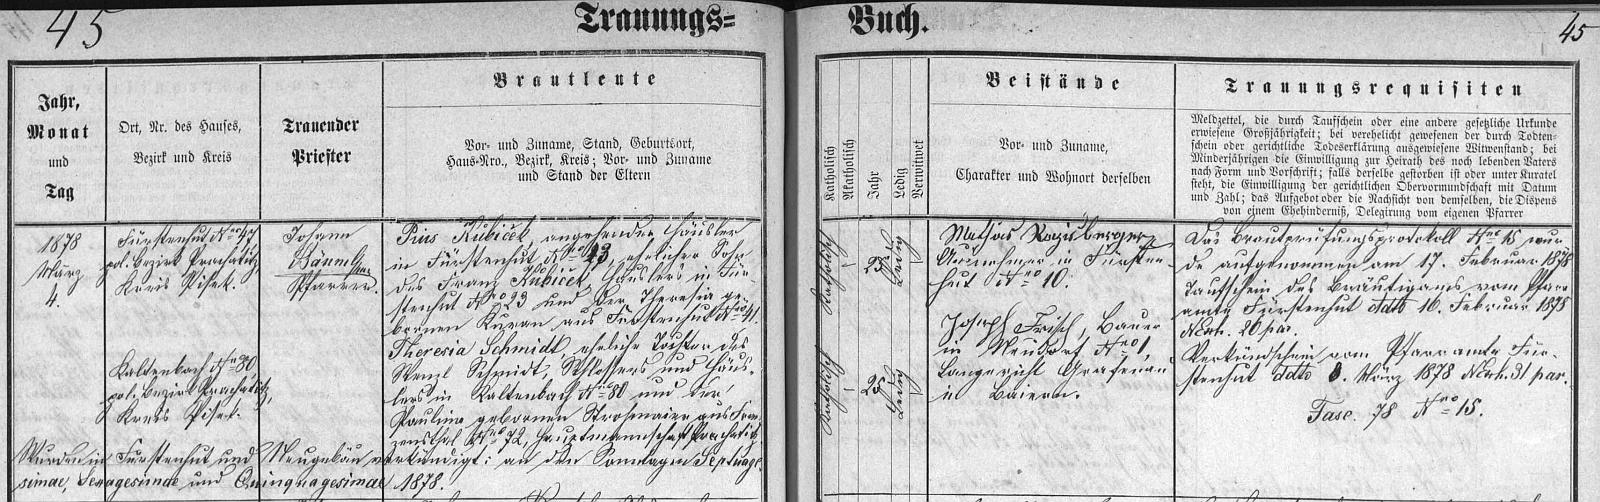 """Farář Johann Bäuml, který sem na Nový Svět (Neugebäu) přišel farářovat roku 1870 z Jablonce (Ogfolderhaid), kde byl pouhým kaplanem, oddal tu v dnes už také neexistujícím kostele sv. Martina Pia, psaného zde krátce, ale s háčkem """"Kubiček"""", dne 4. března roku 1878 s Theresií Schmidtovou, jejíž matka Paulina je tu už uvedena nikoli původem z Pivního Hrnce, ale z Františkova (Franzensthal)"""